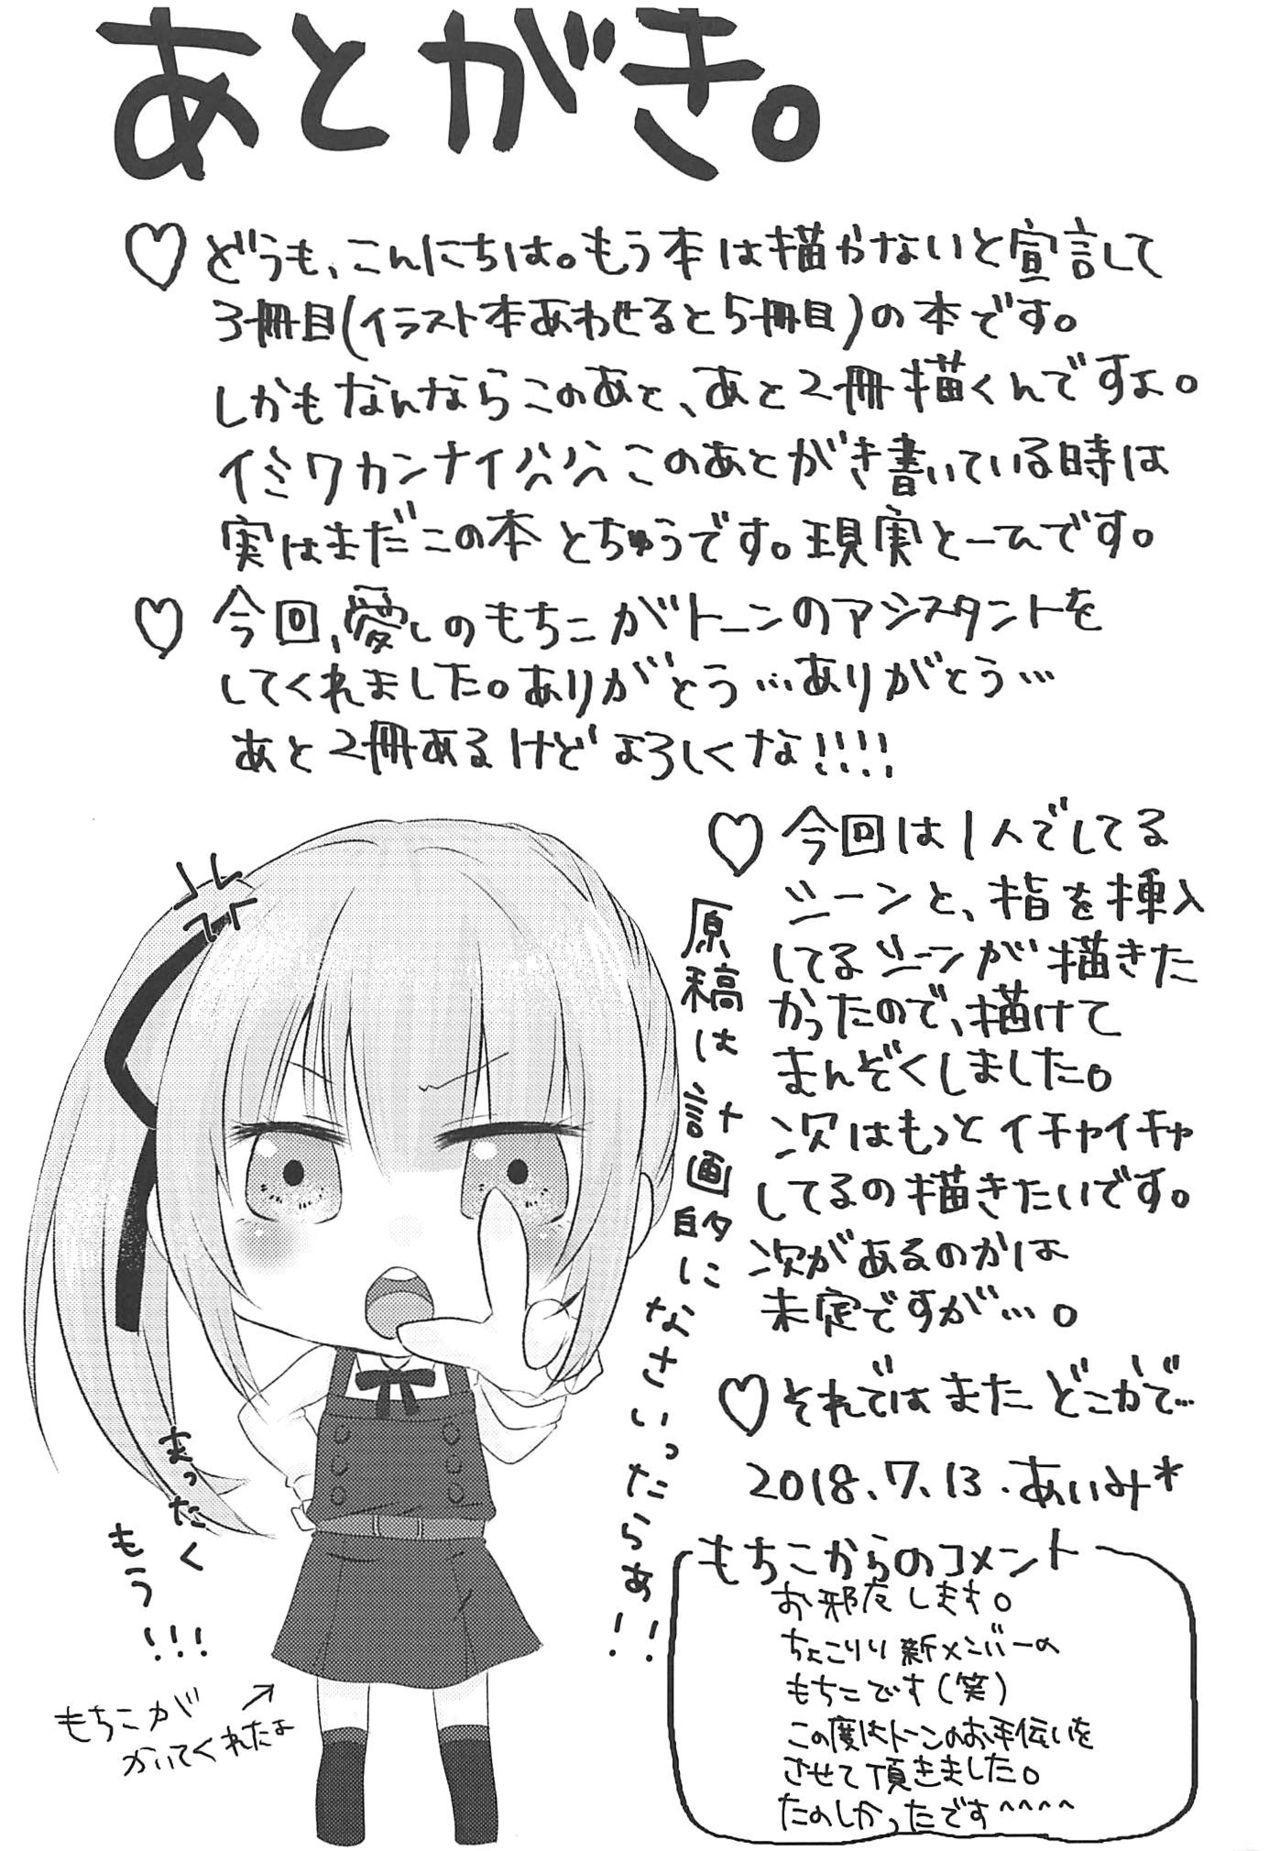 Datte Kore wa Asashio-gata Senyou Chou Massage dakara Hazukashiku nanka Naittaraa! 19